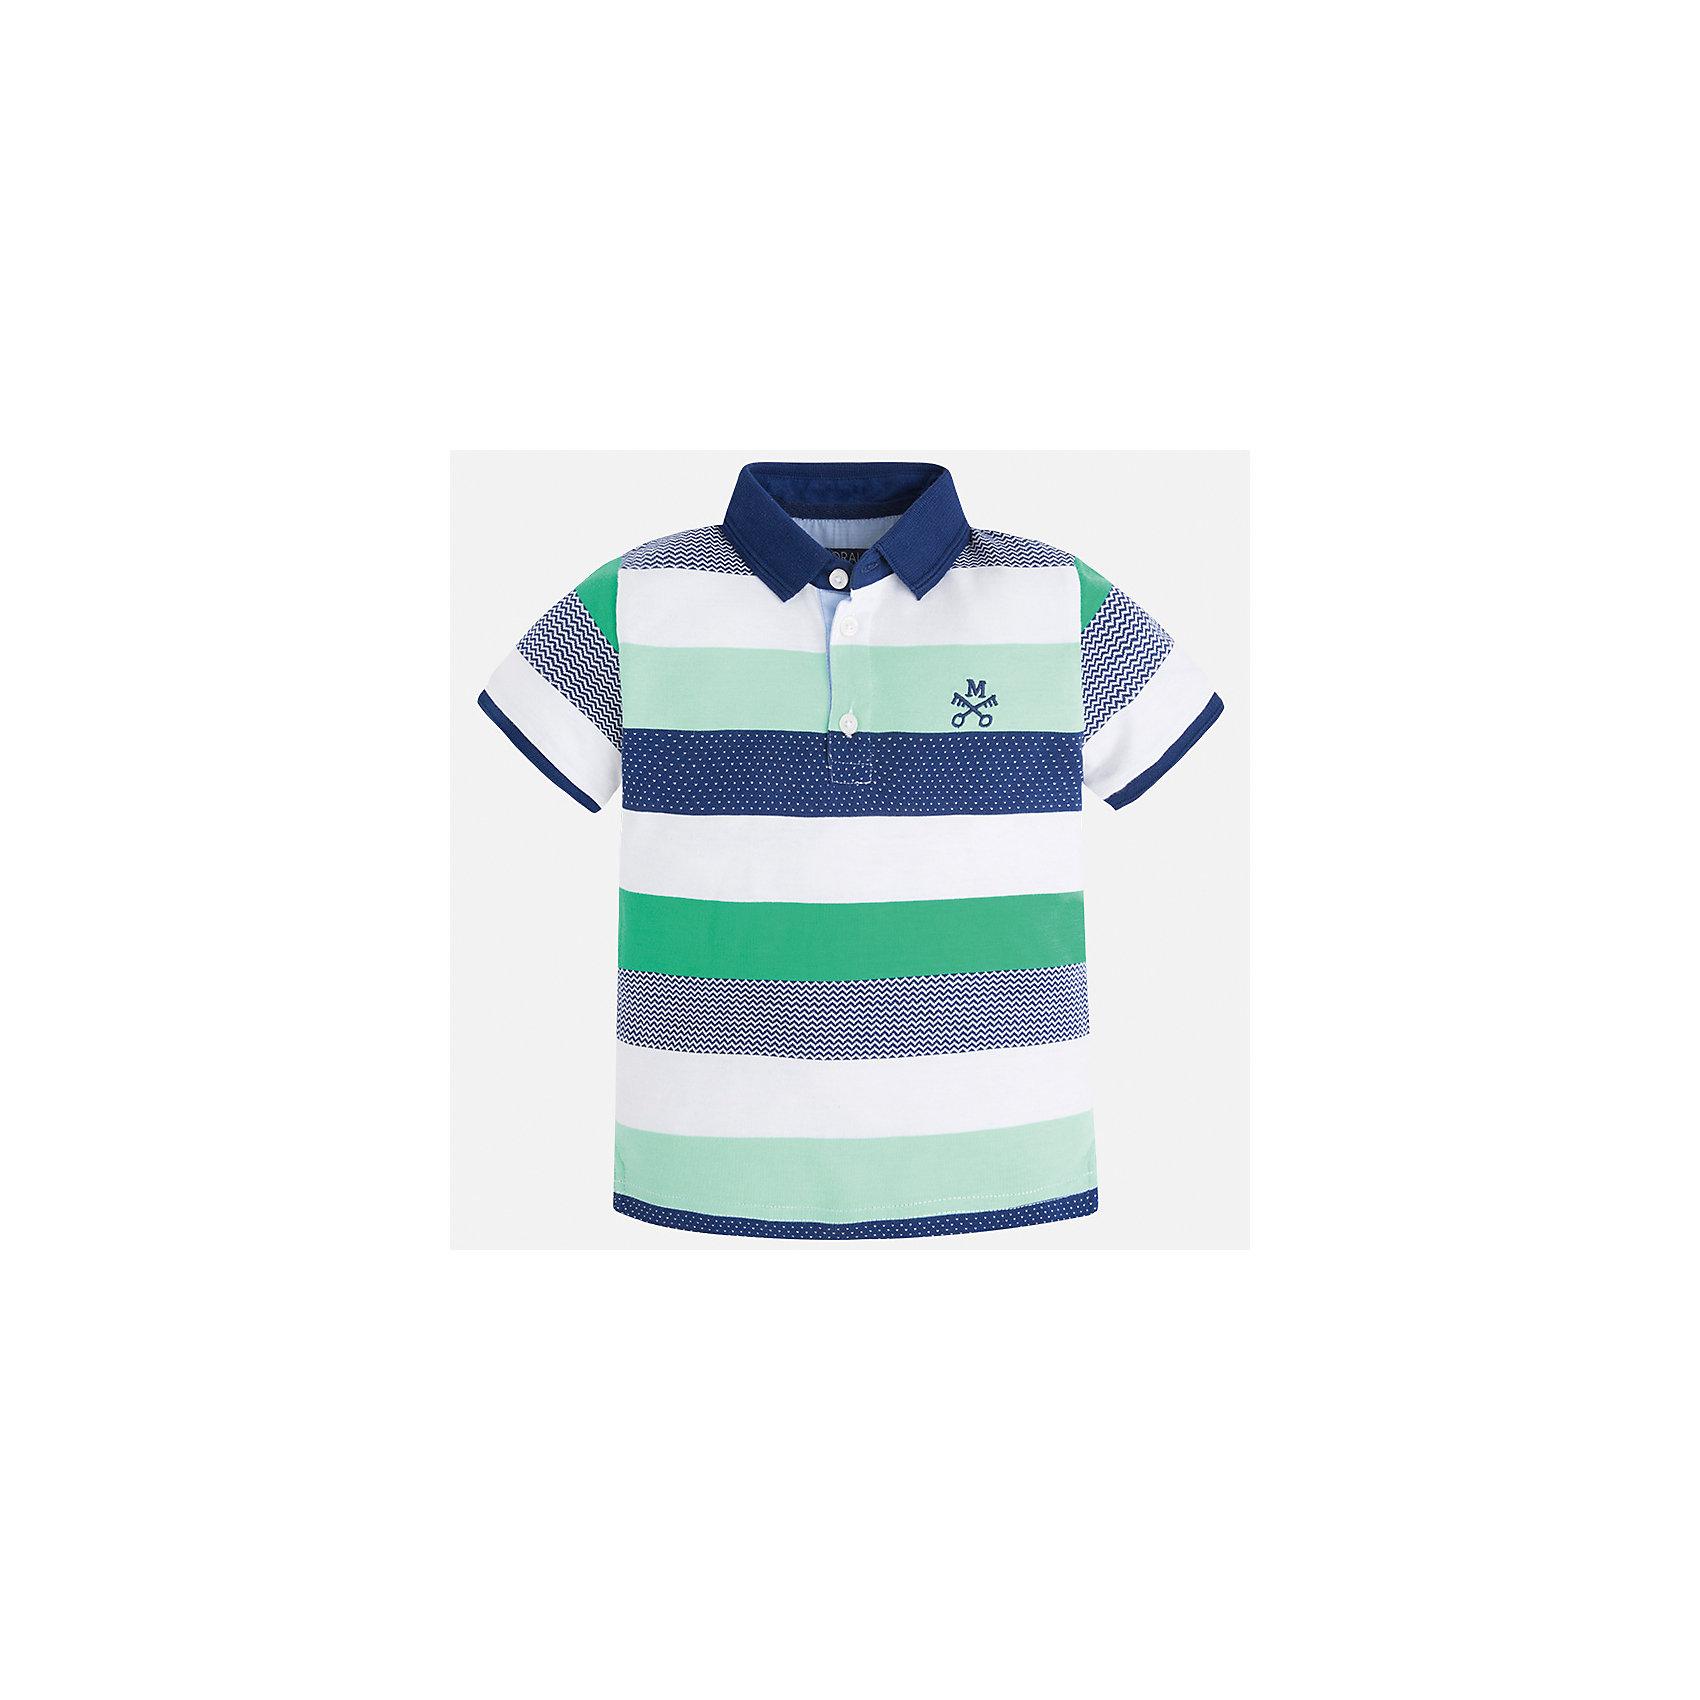 Рубашка-поло для мальчика MayoralХарактеристики товара:<br><br>• цвет: белый/зеленый/синий<br>• состав: 100% хлопок<br>• отложной воротник<br>• короткие рукава<br>• застежка: пуговицы<br>• декорирована вышивкой<br>• страна бренда: Испания<br><br>Модная футболка-поло для мальчика может стать базовой вещью в гардеробе ребенка. Она отлично сочетается с брюками, шортами, джинсами и т.д. Универсальный крой и цвет позволяет подобрать к вещи низ разных расцветок. Практичное и стильное изделие! В составе материала - только натуральный хлопок, гипоаллергенный, приятный на ощупь, дышащий.<br><br>Одежда, обувь и аксессуары от испанского бренда Mayoral полюбились детям и взрослым по всему миру. Модели этой марки - стильные и удобные. Для их производства используются только безопасные, качественные материалы и фурнитура. Порадуйте ребенка модными и красивыми вещами от Mayoral! <br><br>Футболку-поло для мальчика от испанского бренда Mayoral (Майорал) можно купить в нашем интернет-магазине.<br><br>Ширина мм: 230<br>Глубина мм: 40<br>Высота мм: 220<br>Вес г: 250<br>Цвет: зеленый<br>Возраст от месяцев: 84<br>Возраст до месяцев: 96<br>Пол: Мужской<br>Возраст: Детский<br>Размер: 128,134,122,116,92,98,104,110<br>SKU: 5271904